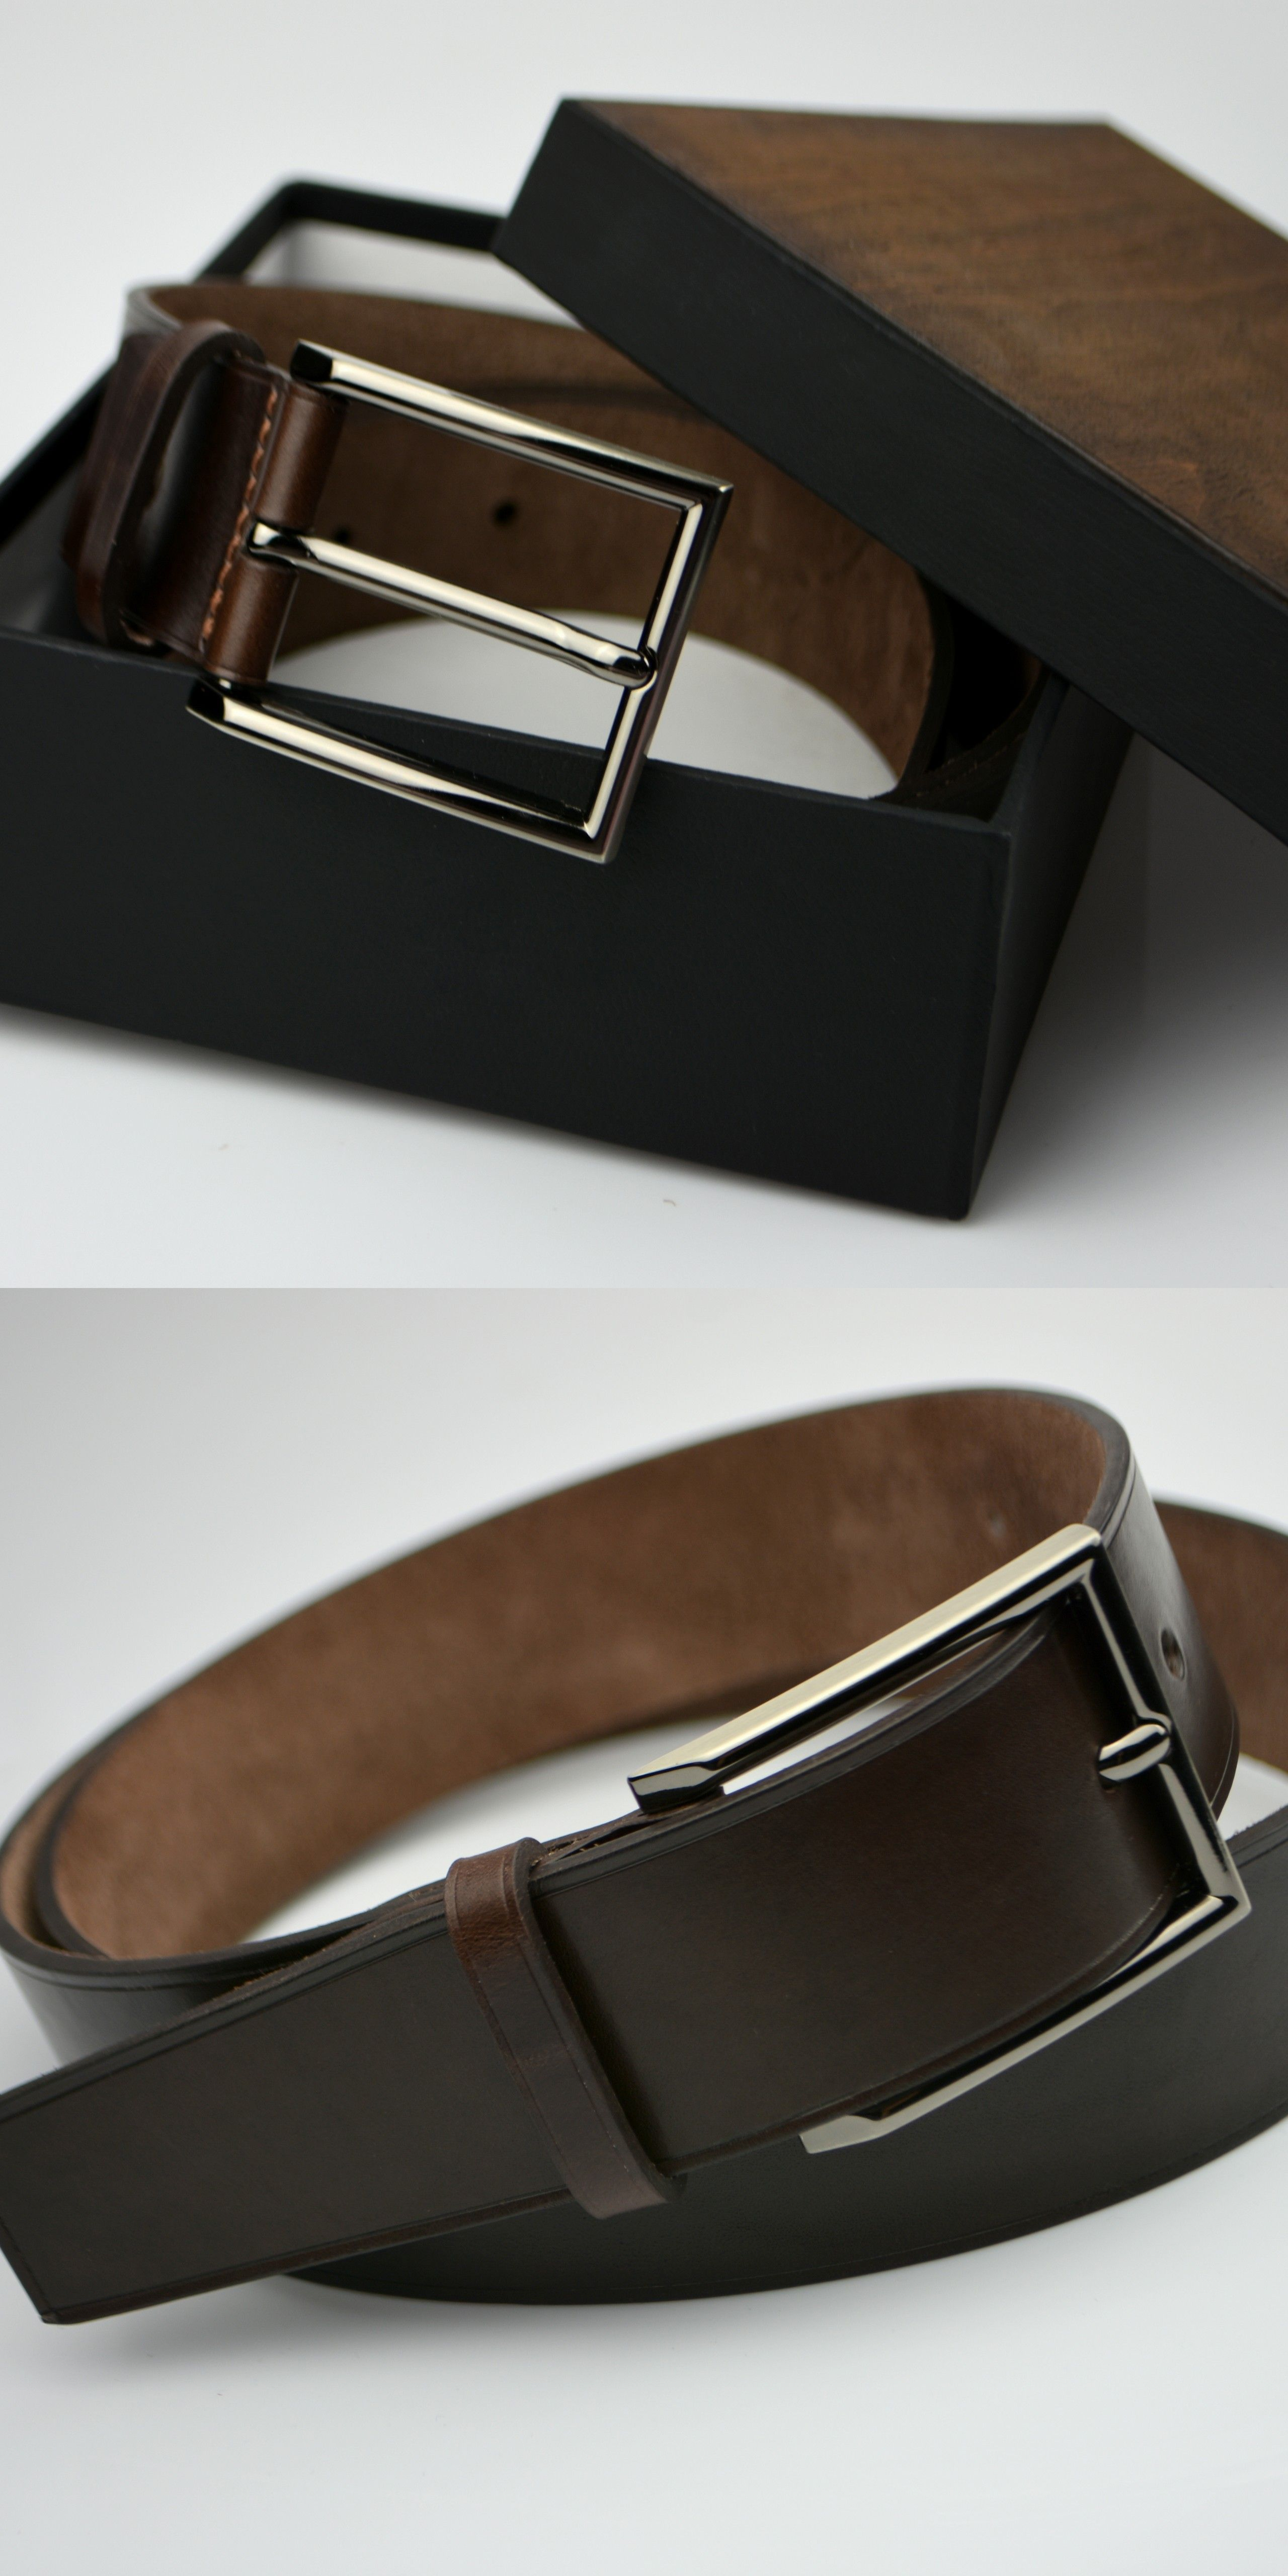 eee79172bb3 Brown leather belt Mens leather belt Leather belts for men Custom leather  belt Personalized belt Wedding belt Gift for dad Big size belt  leatherbelt  ...